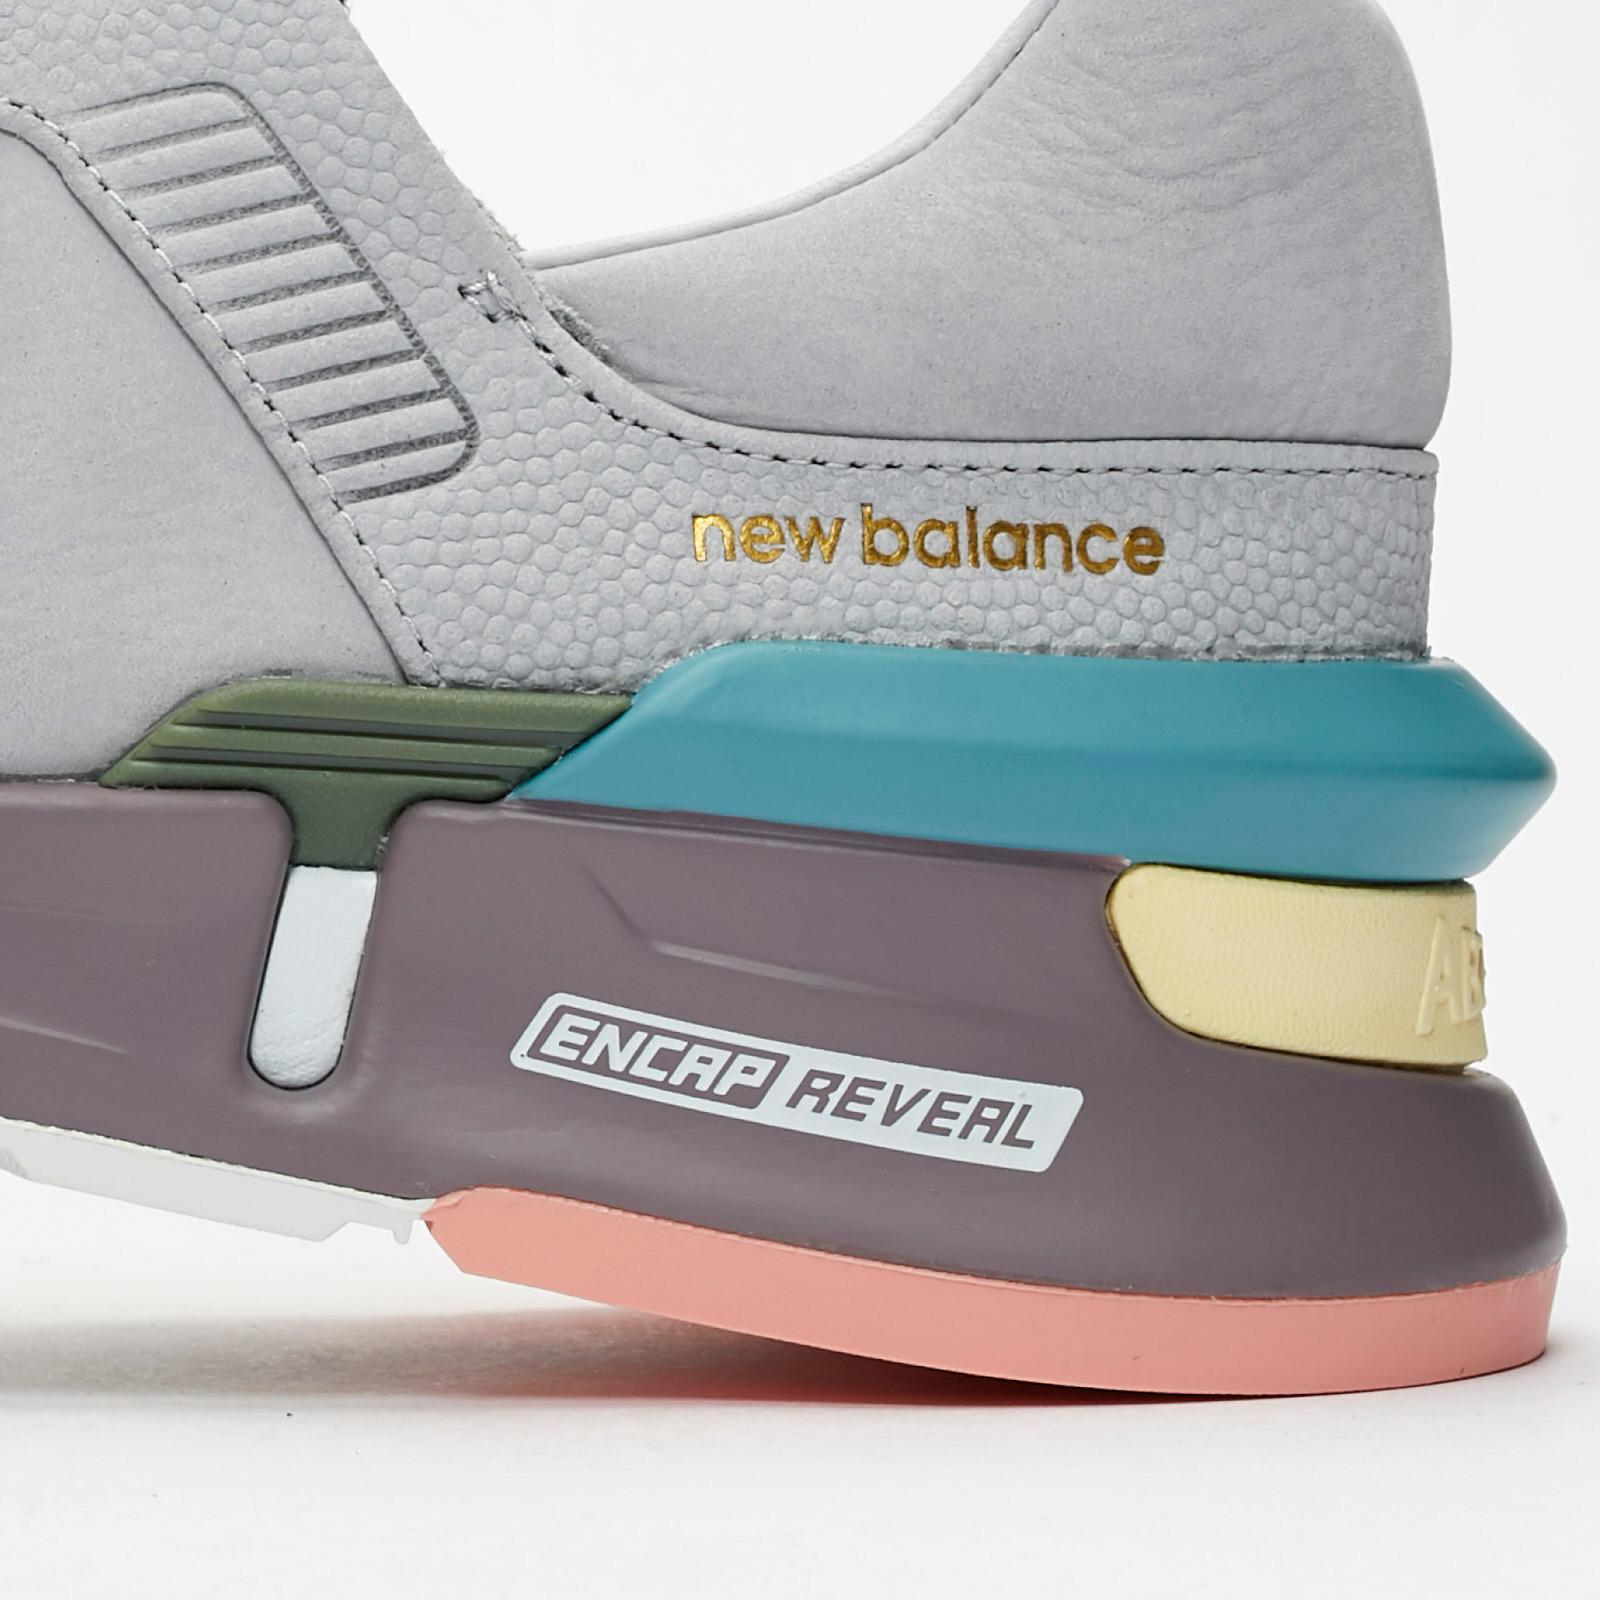 Generalizar Cerveza inglesa analogía  New Balance MS997 - Ms997tkd - Sneakersnstuff | sneakers & streetwear  online since 1999